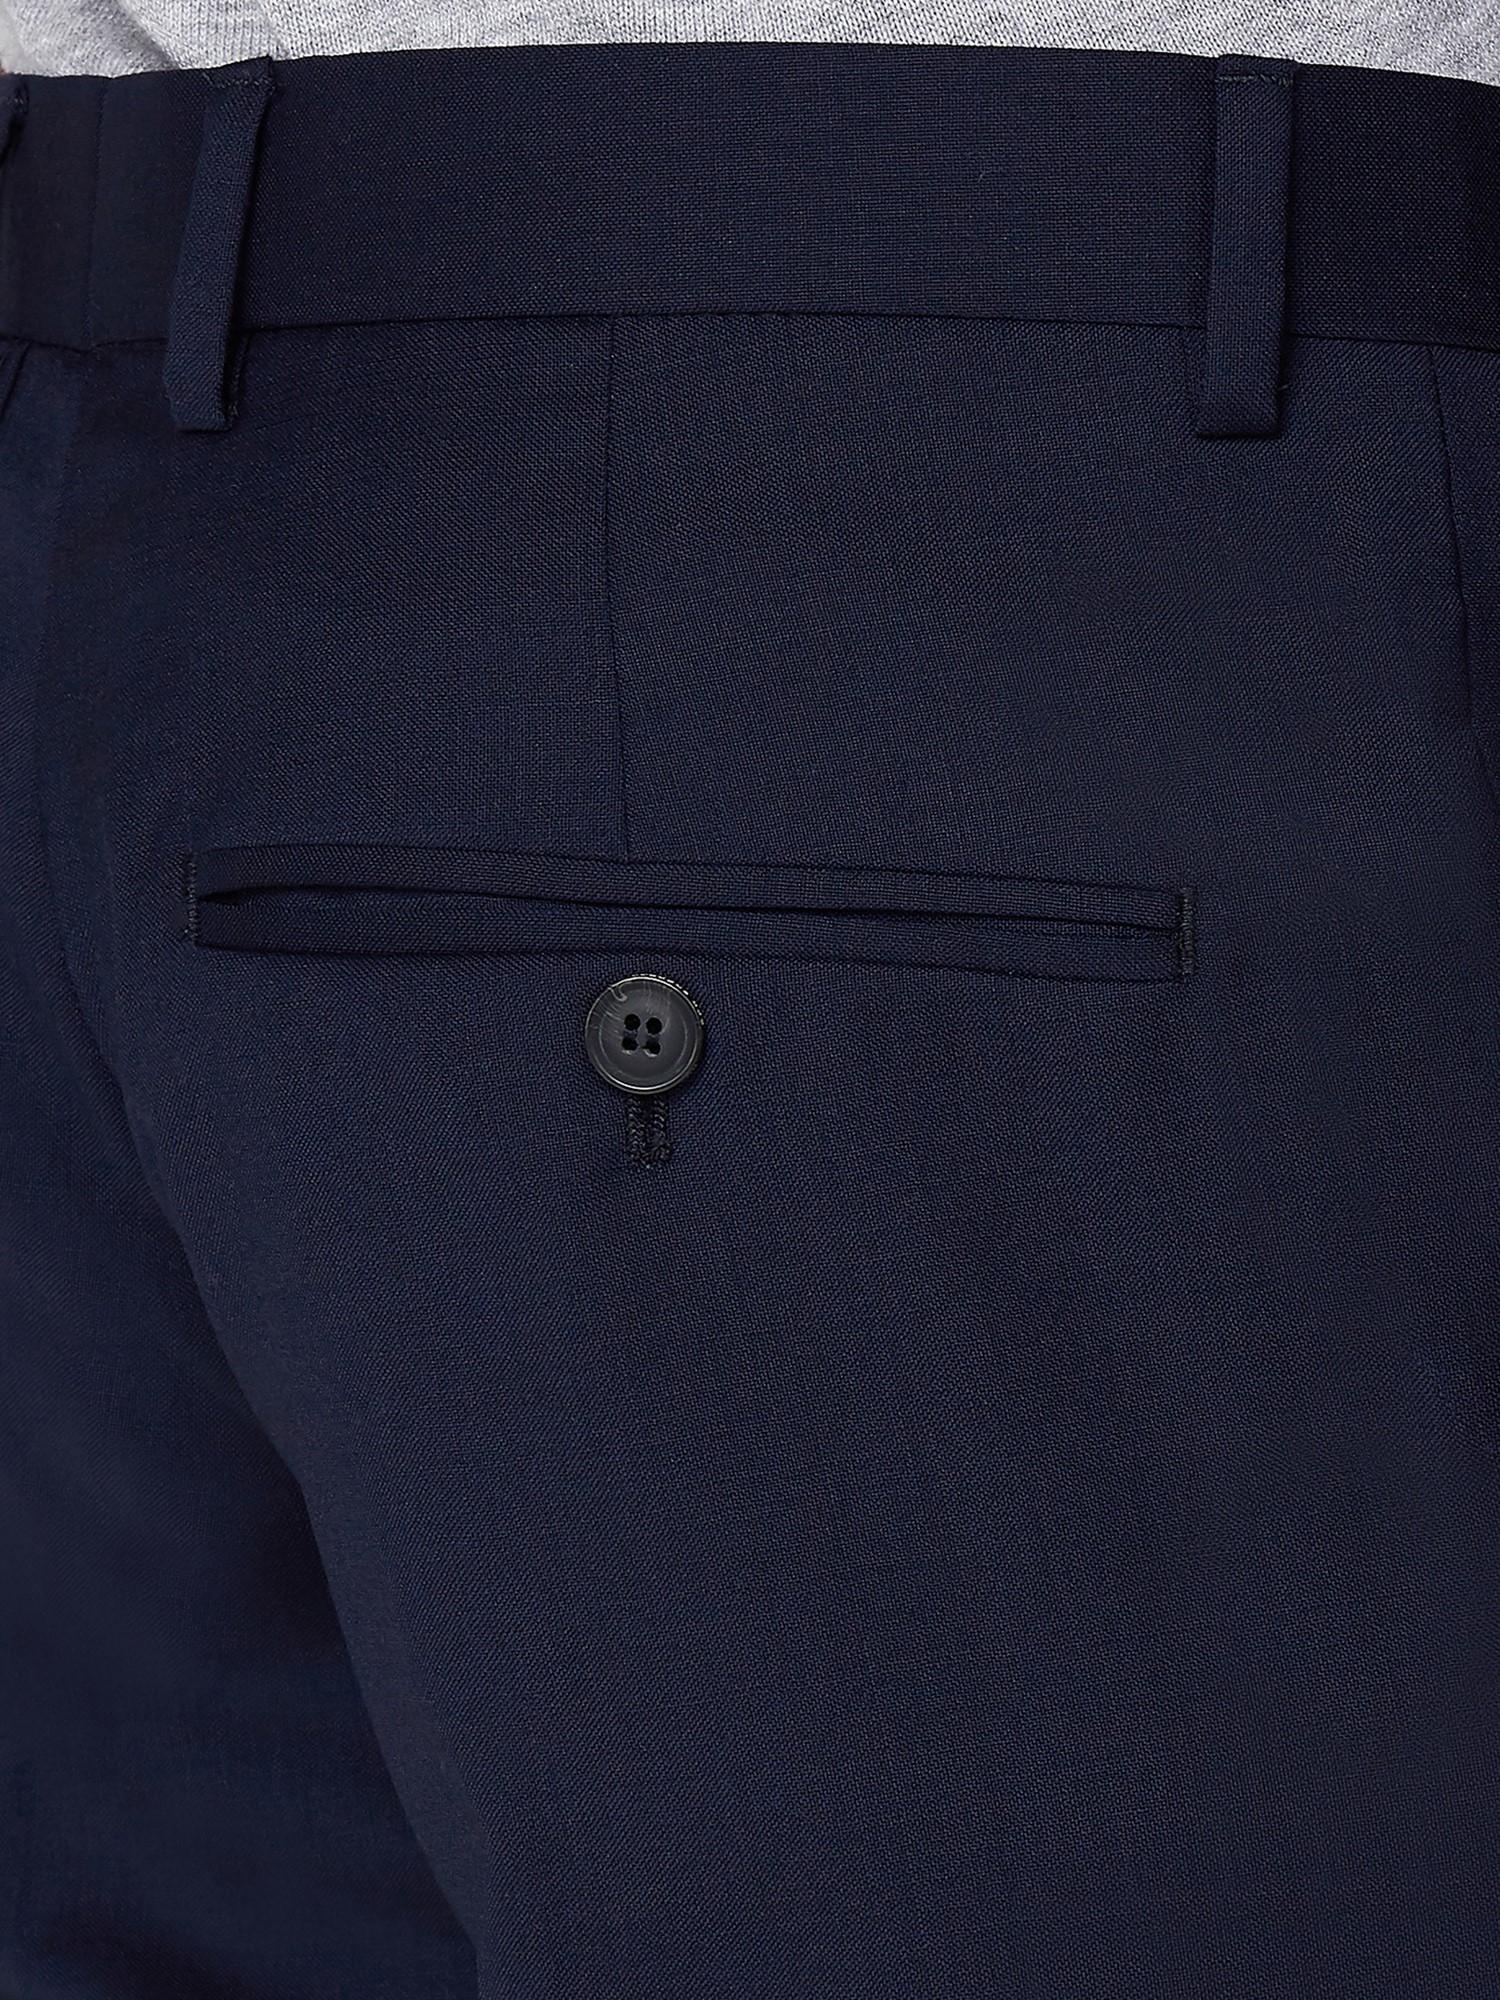 Blue Depths Tonic Camden Trouser